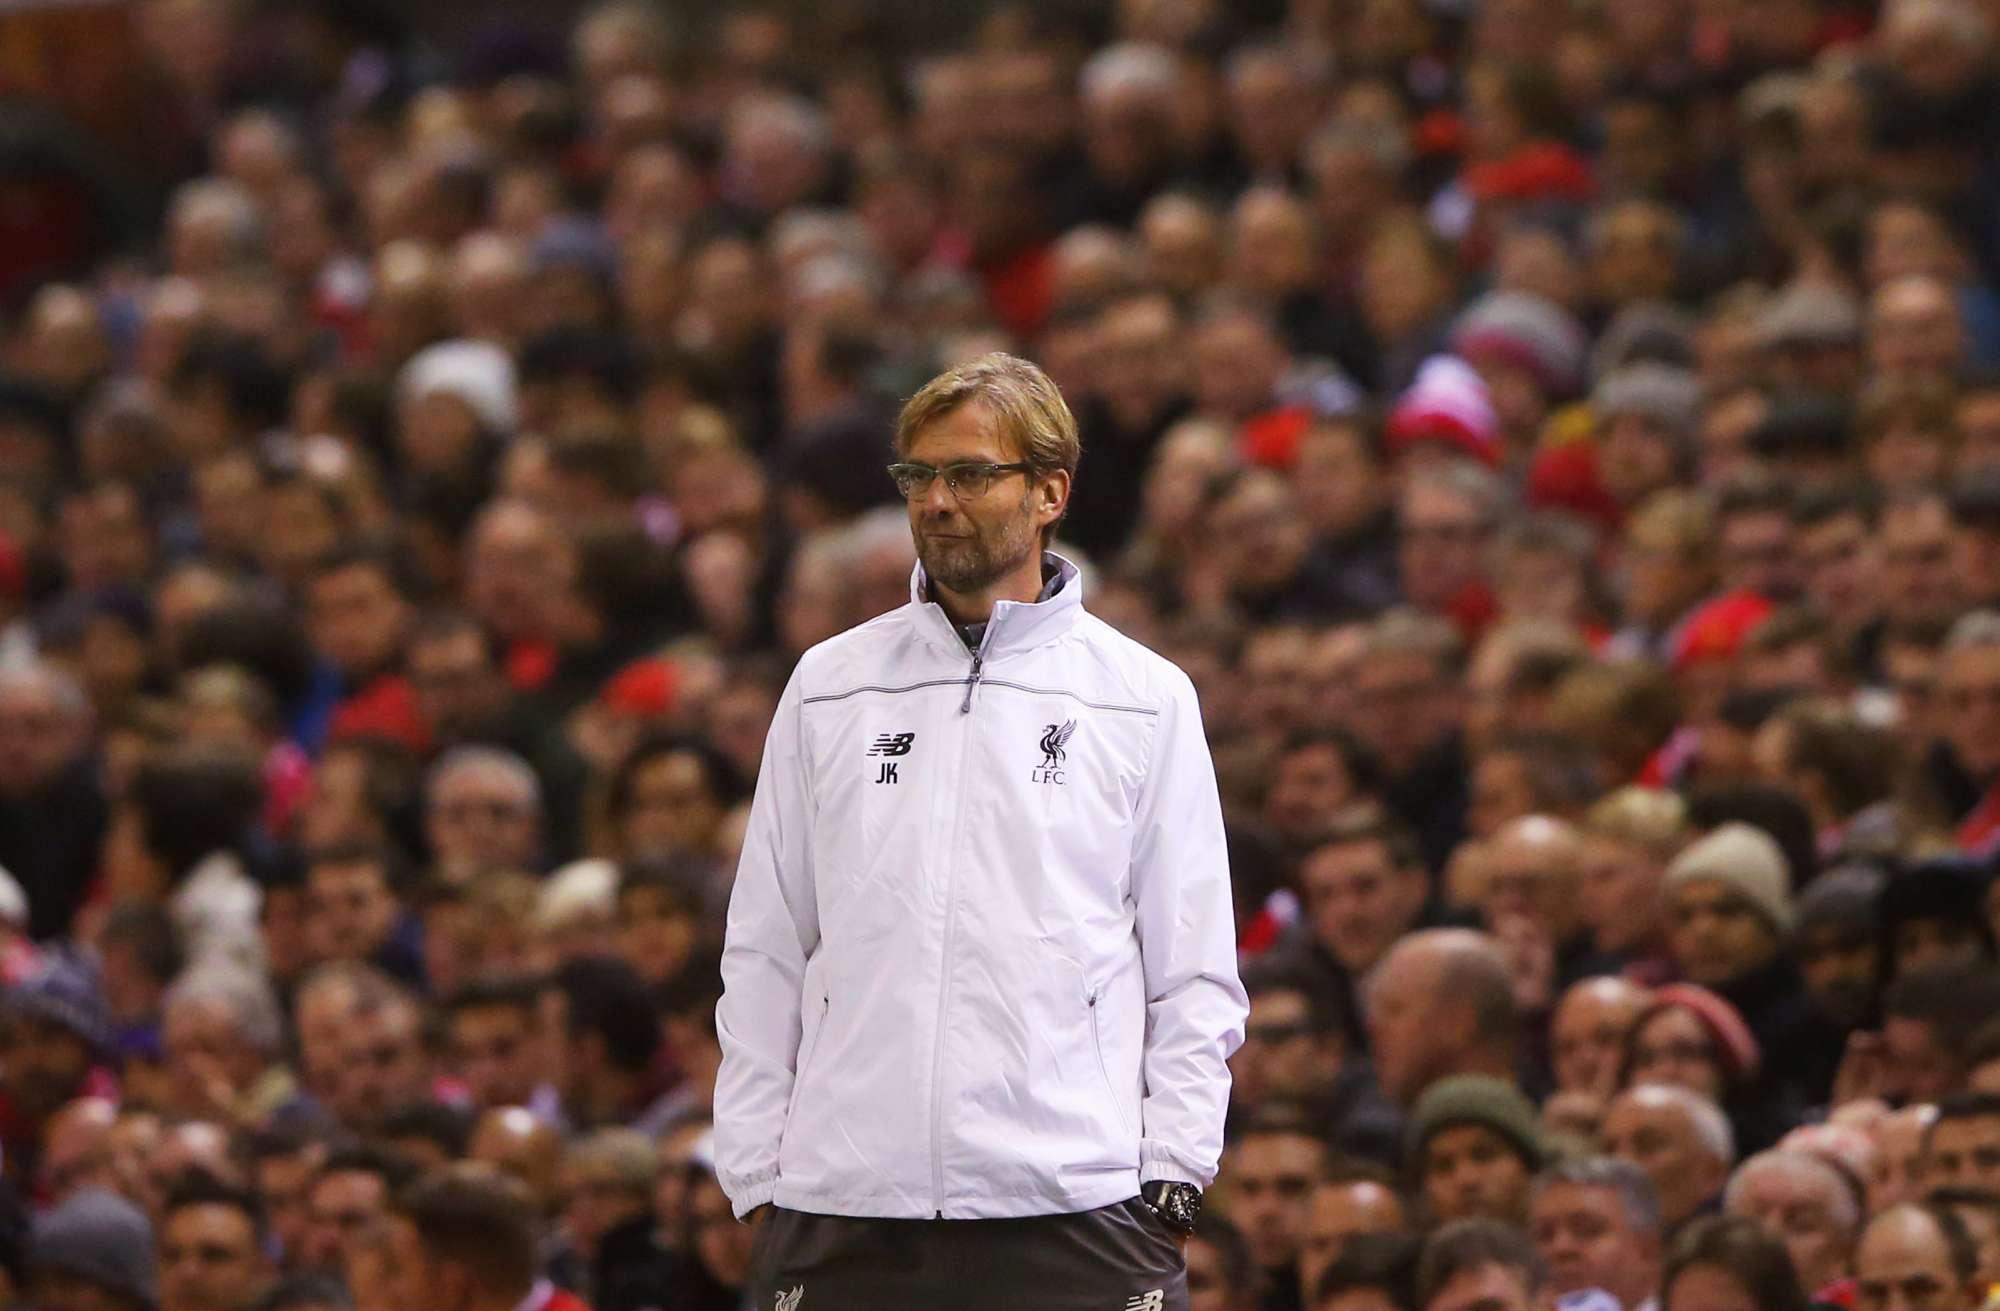 Jurgen Klopp, allenatore del Liverpool dallo scorso ottobre